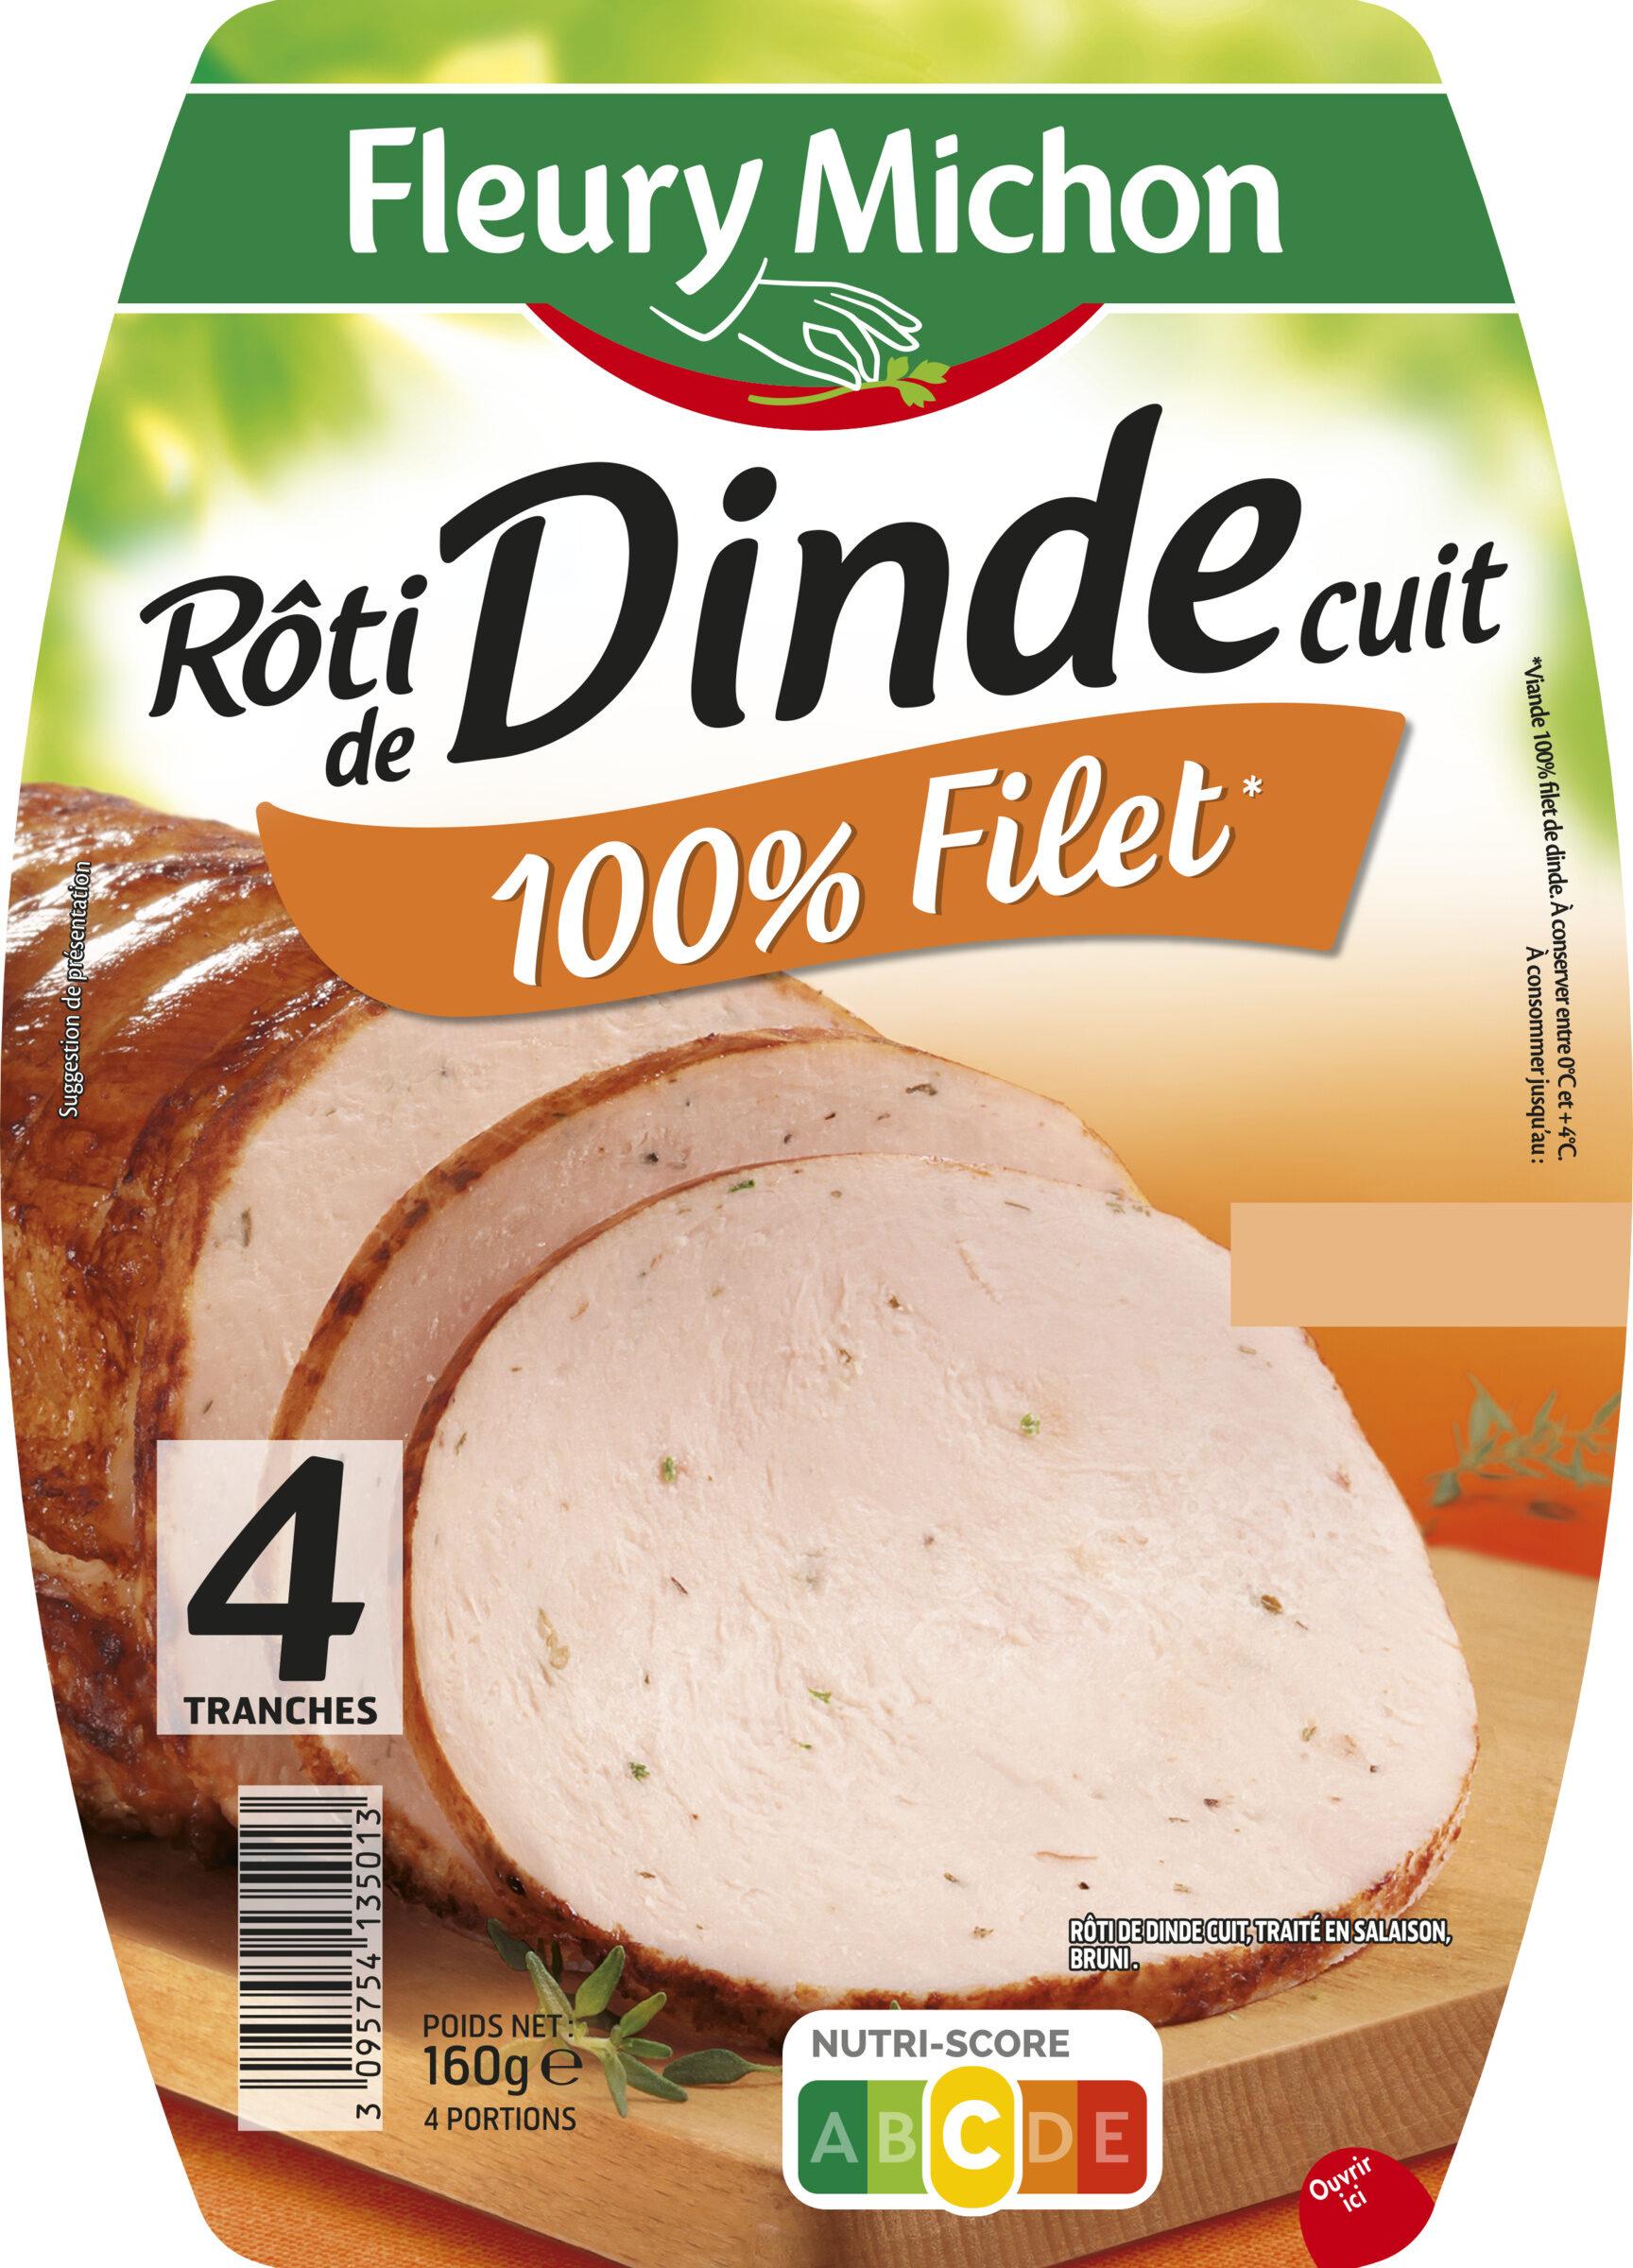 Rôti de dinde cuit 100% filet* - 4 tranches - Produit